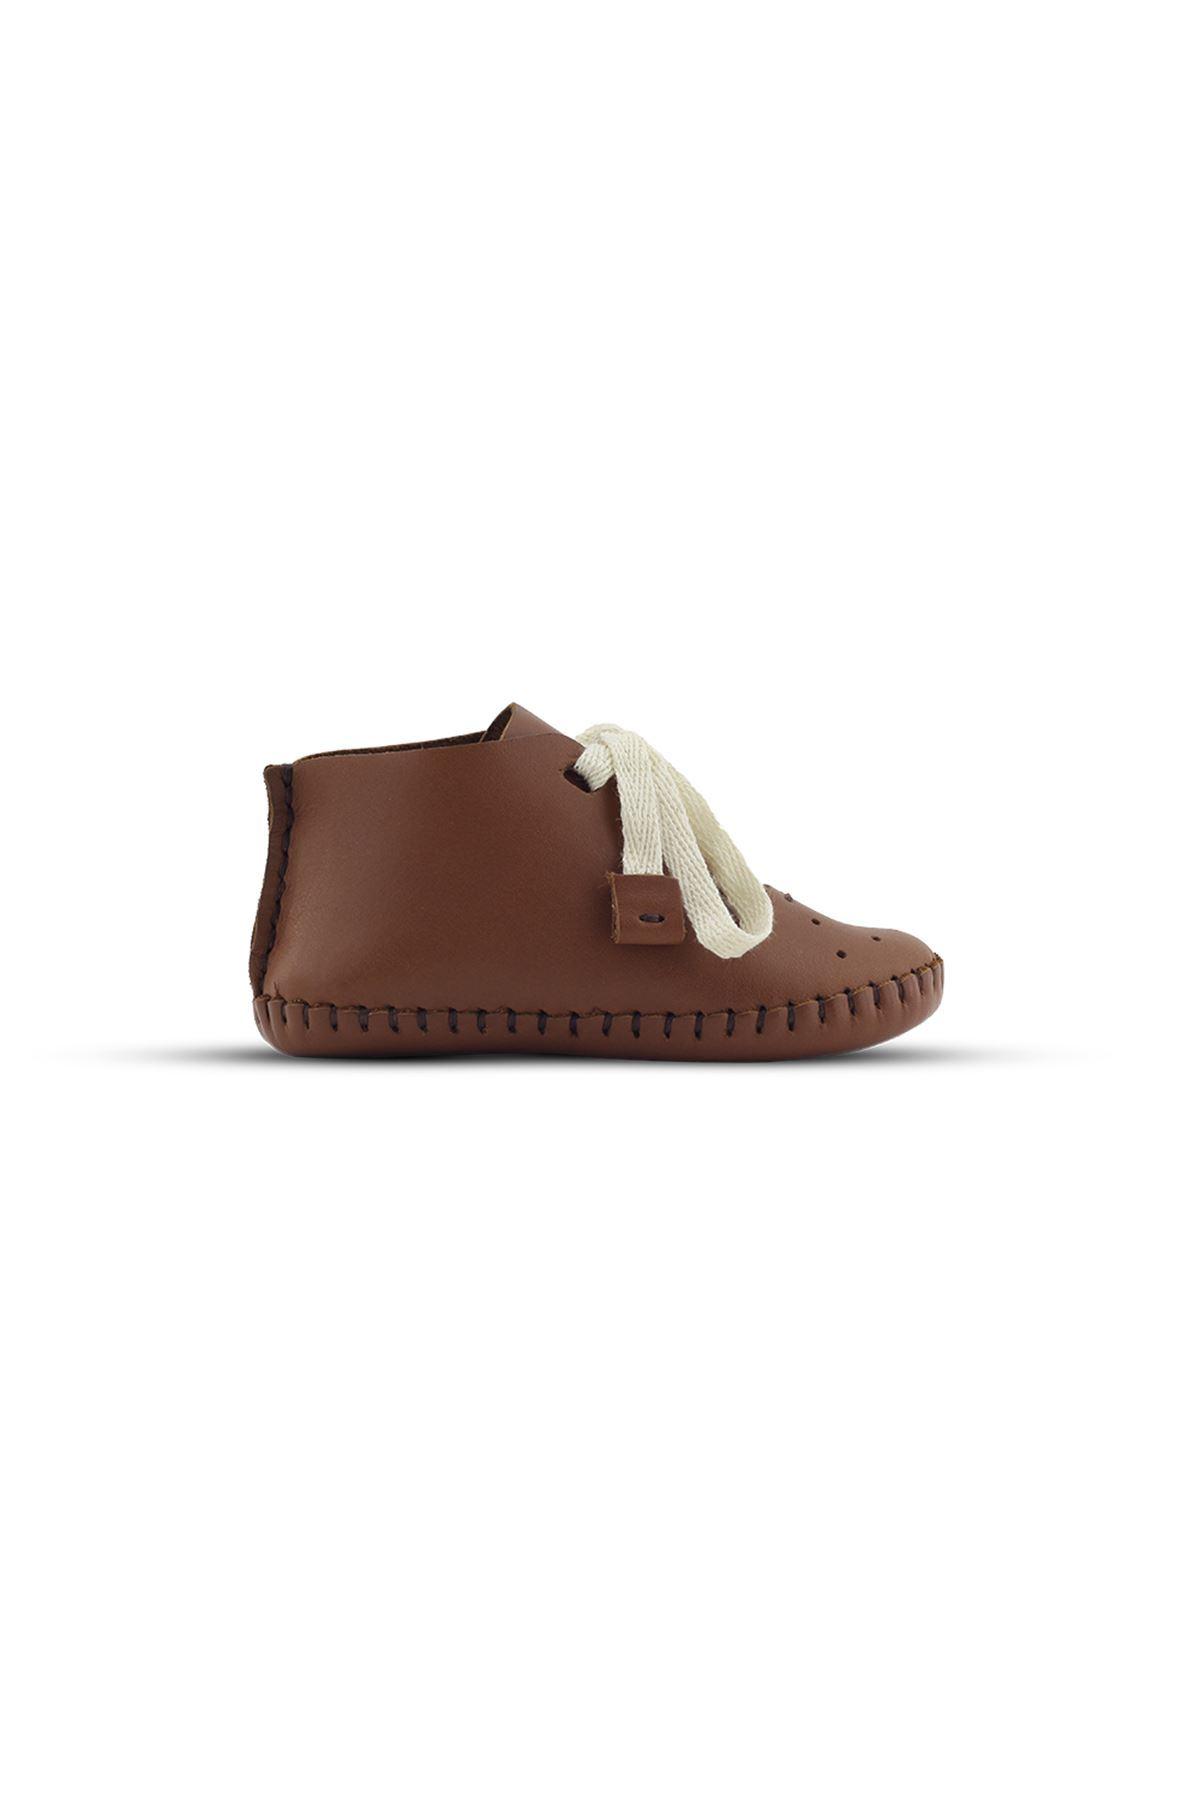 BB02 Taba Hakiki Deri Unisex Bebek Patik İlk Adım Ev Ayakkabısı